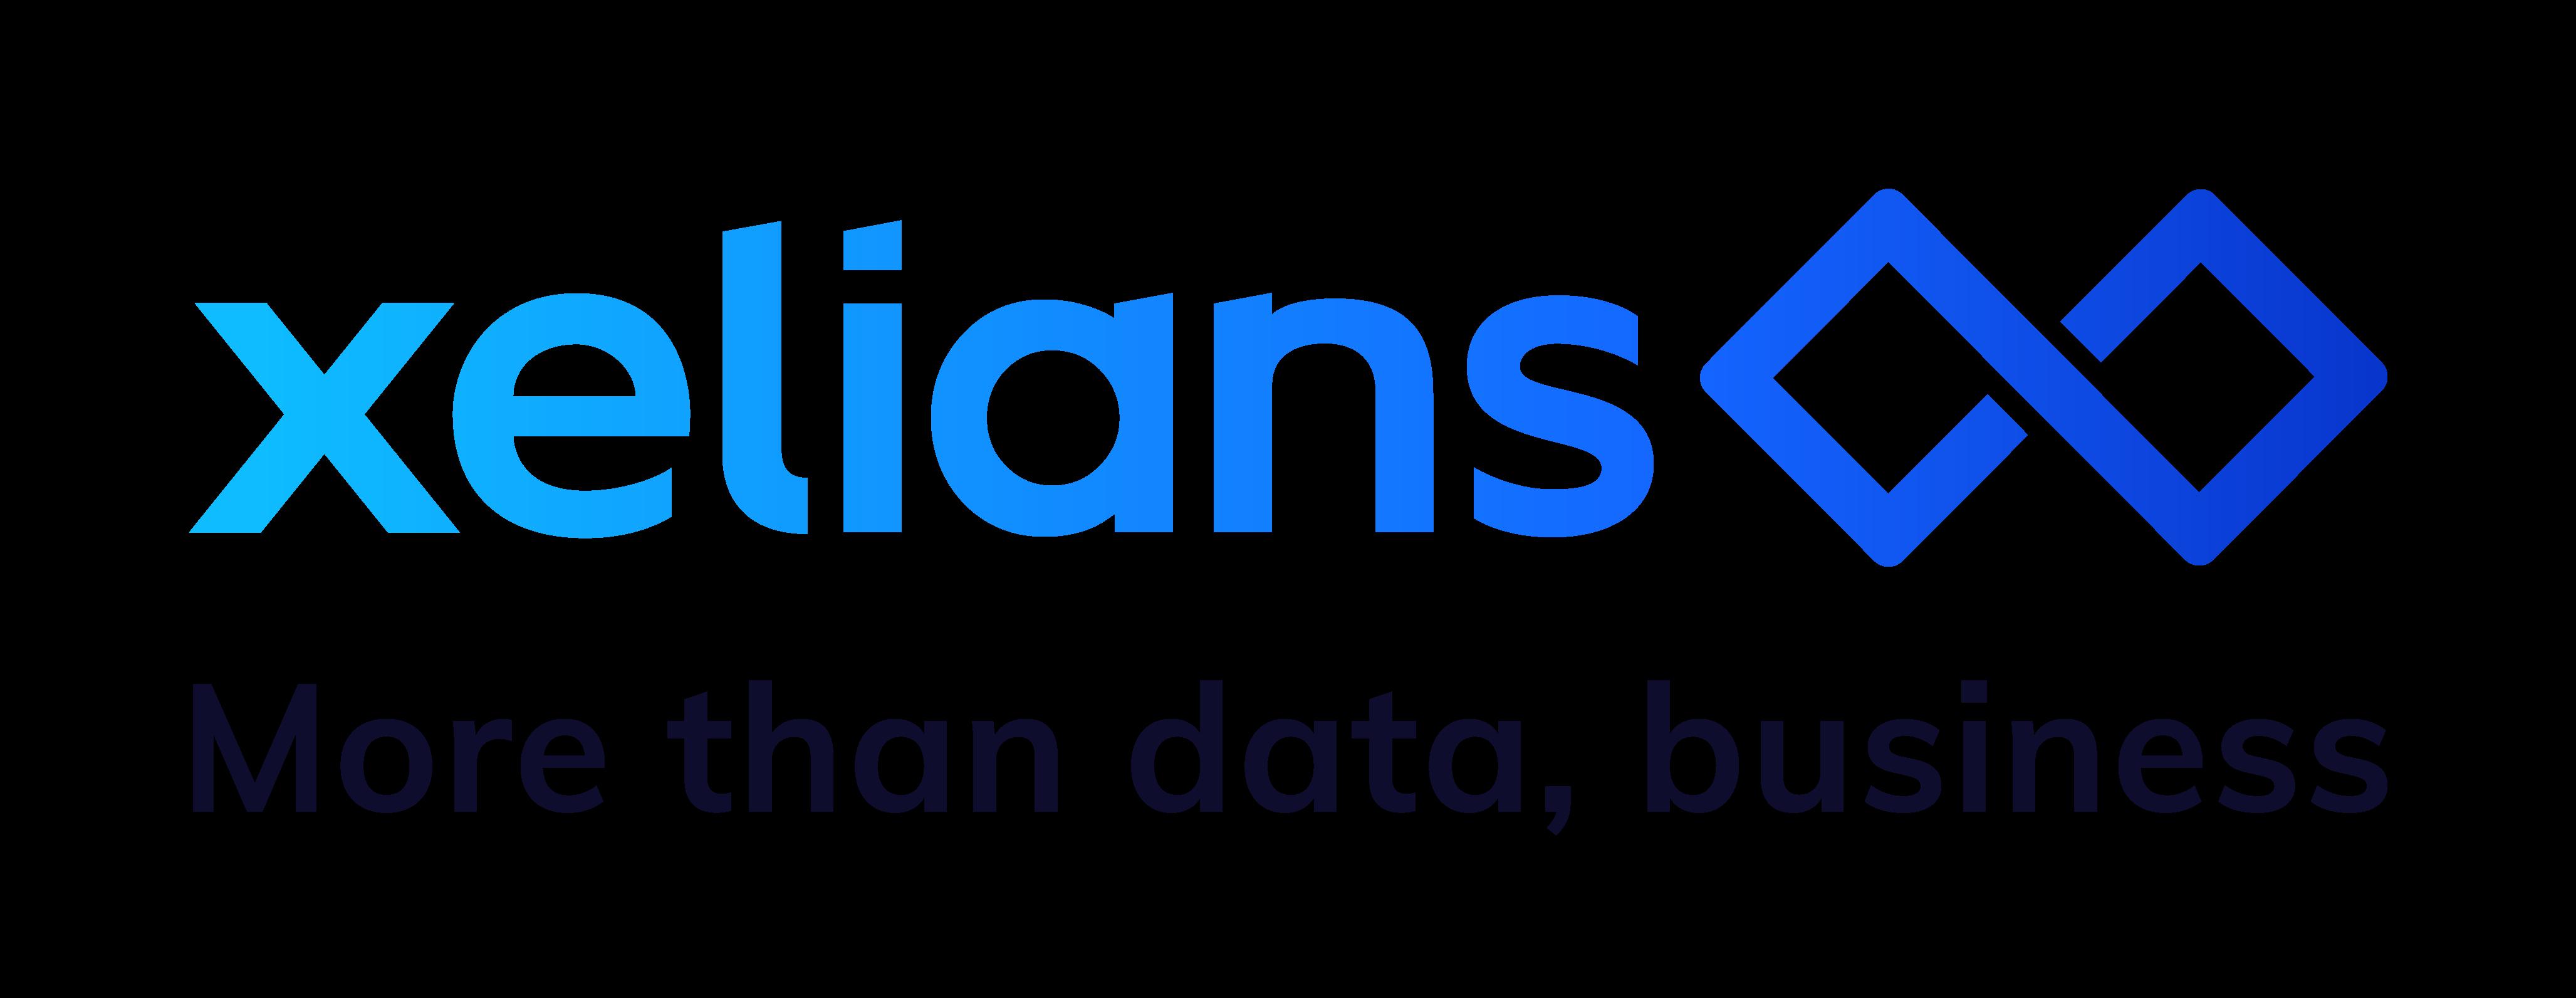 Xelians